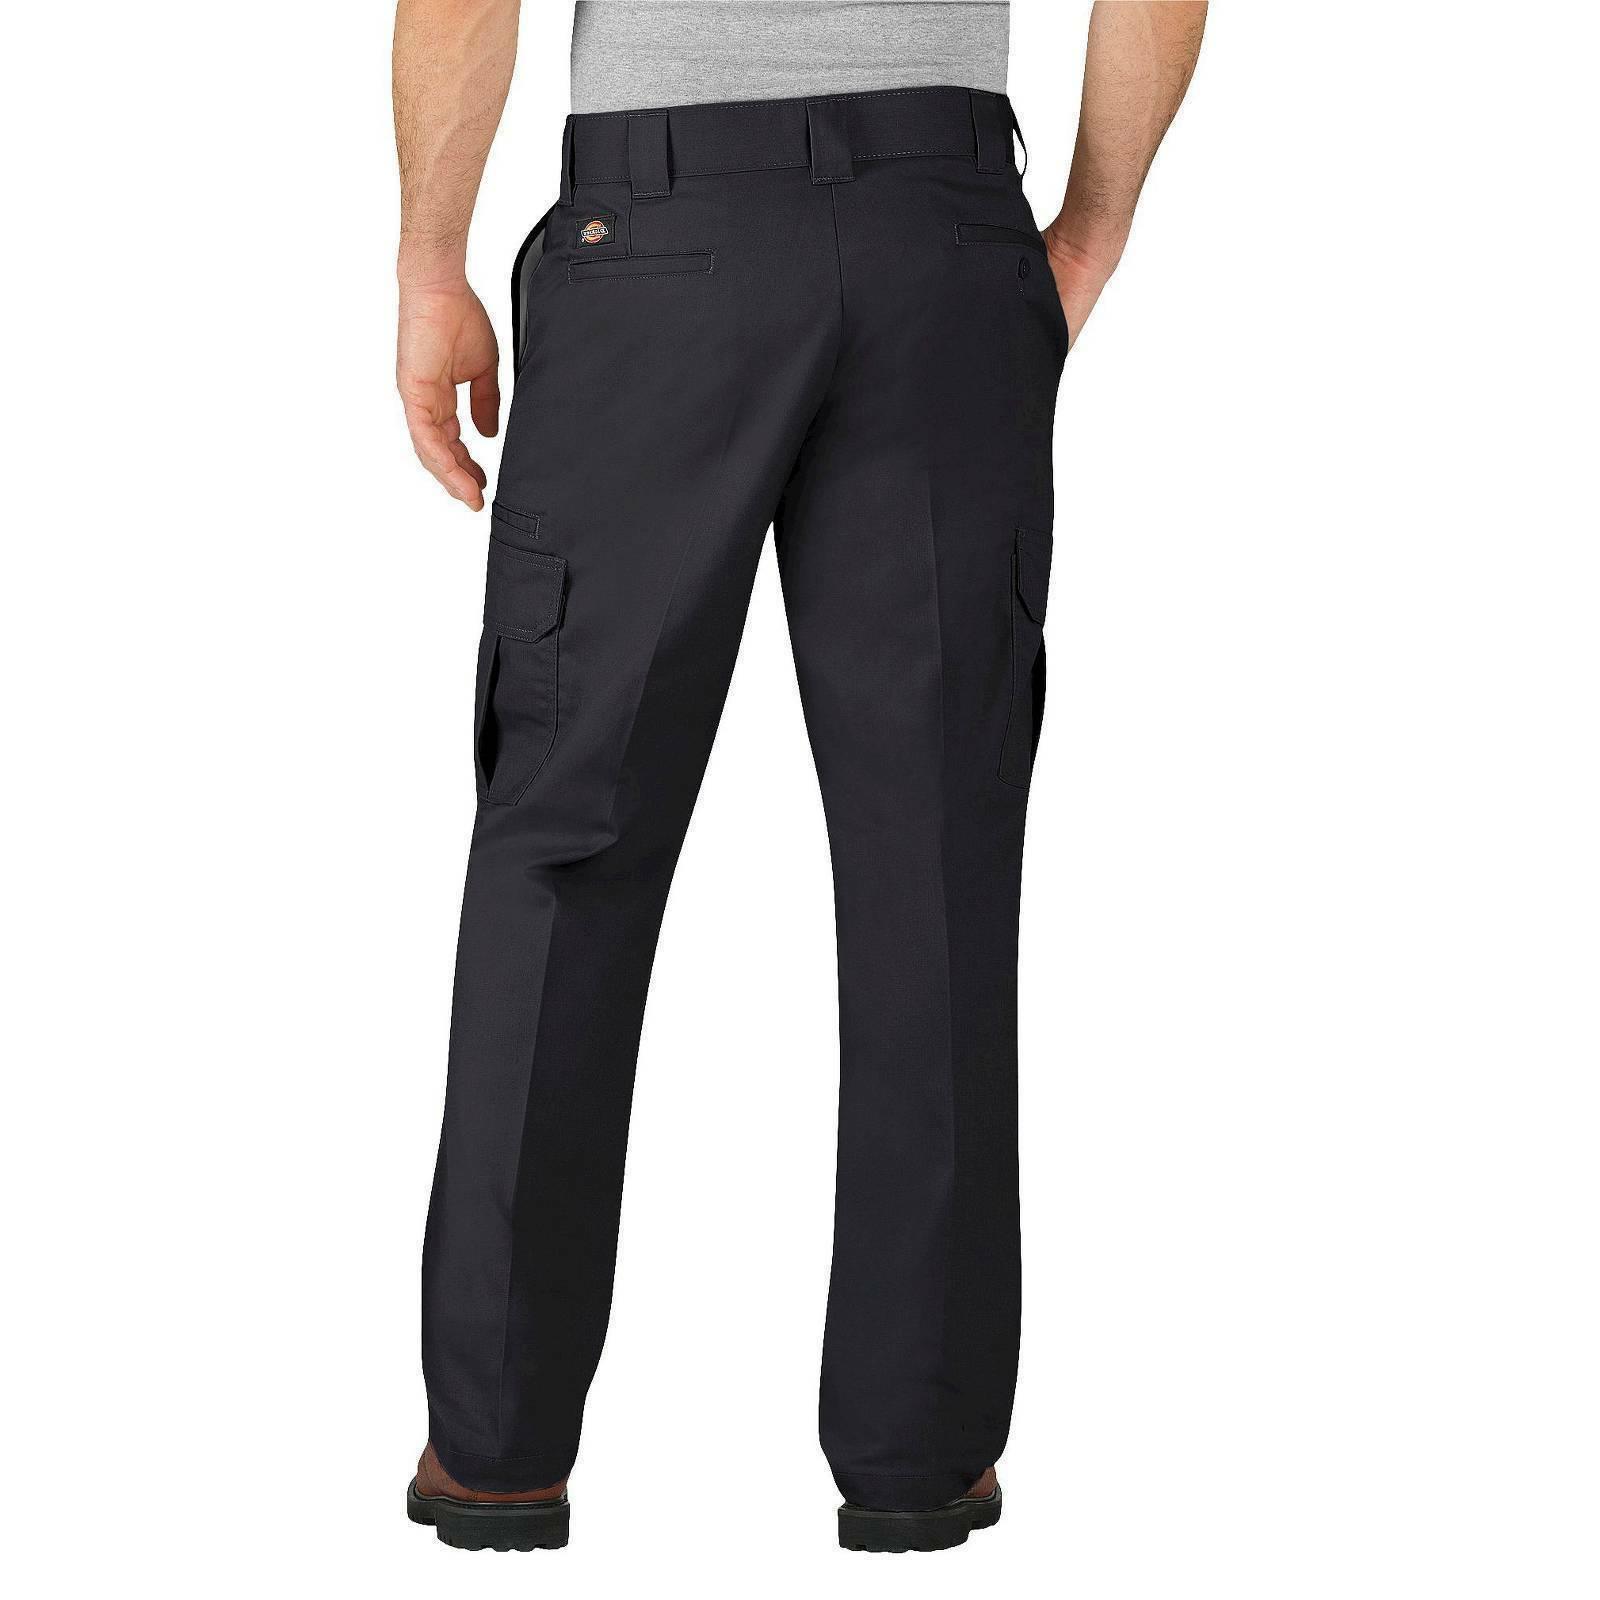 Genuine Dickies Fit Cargo Pants